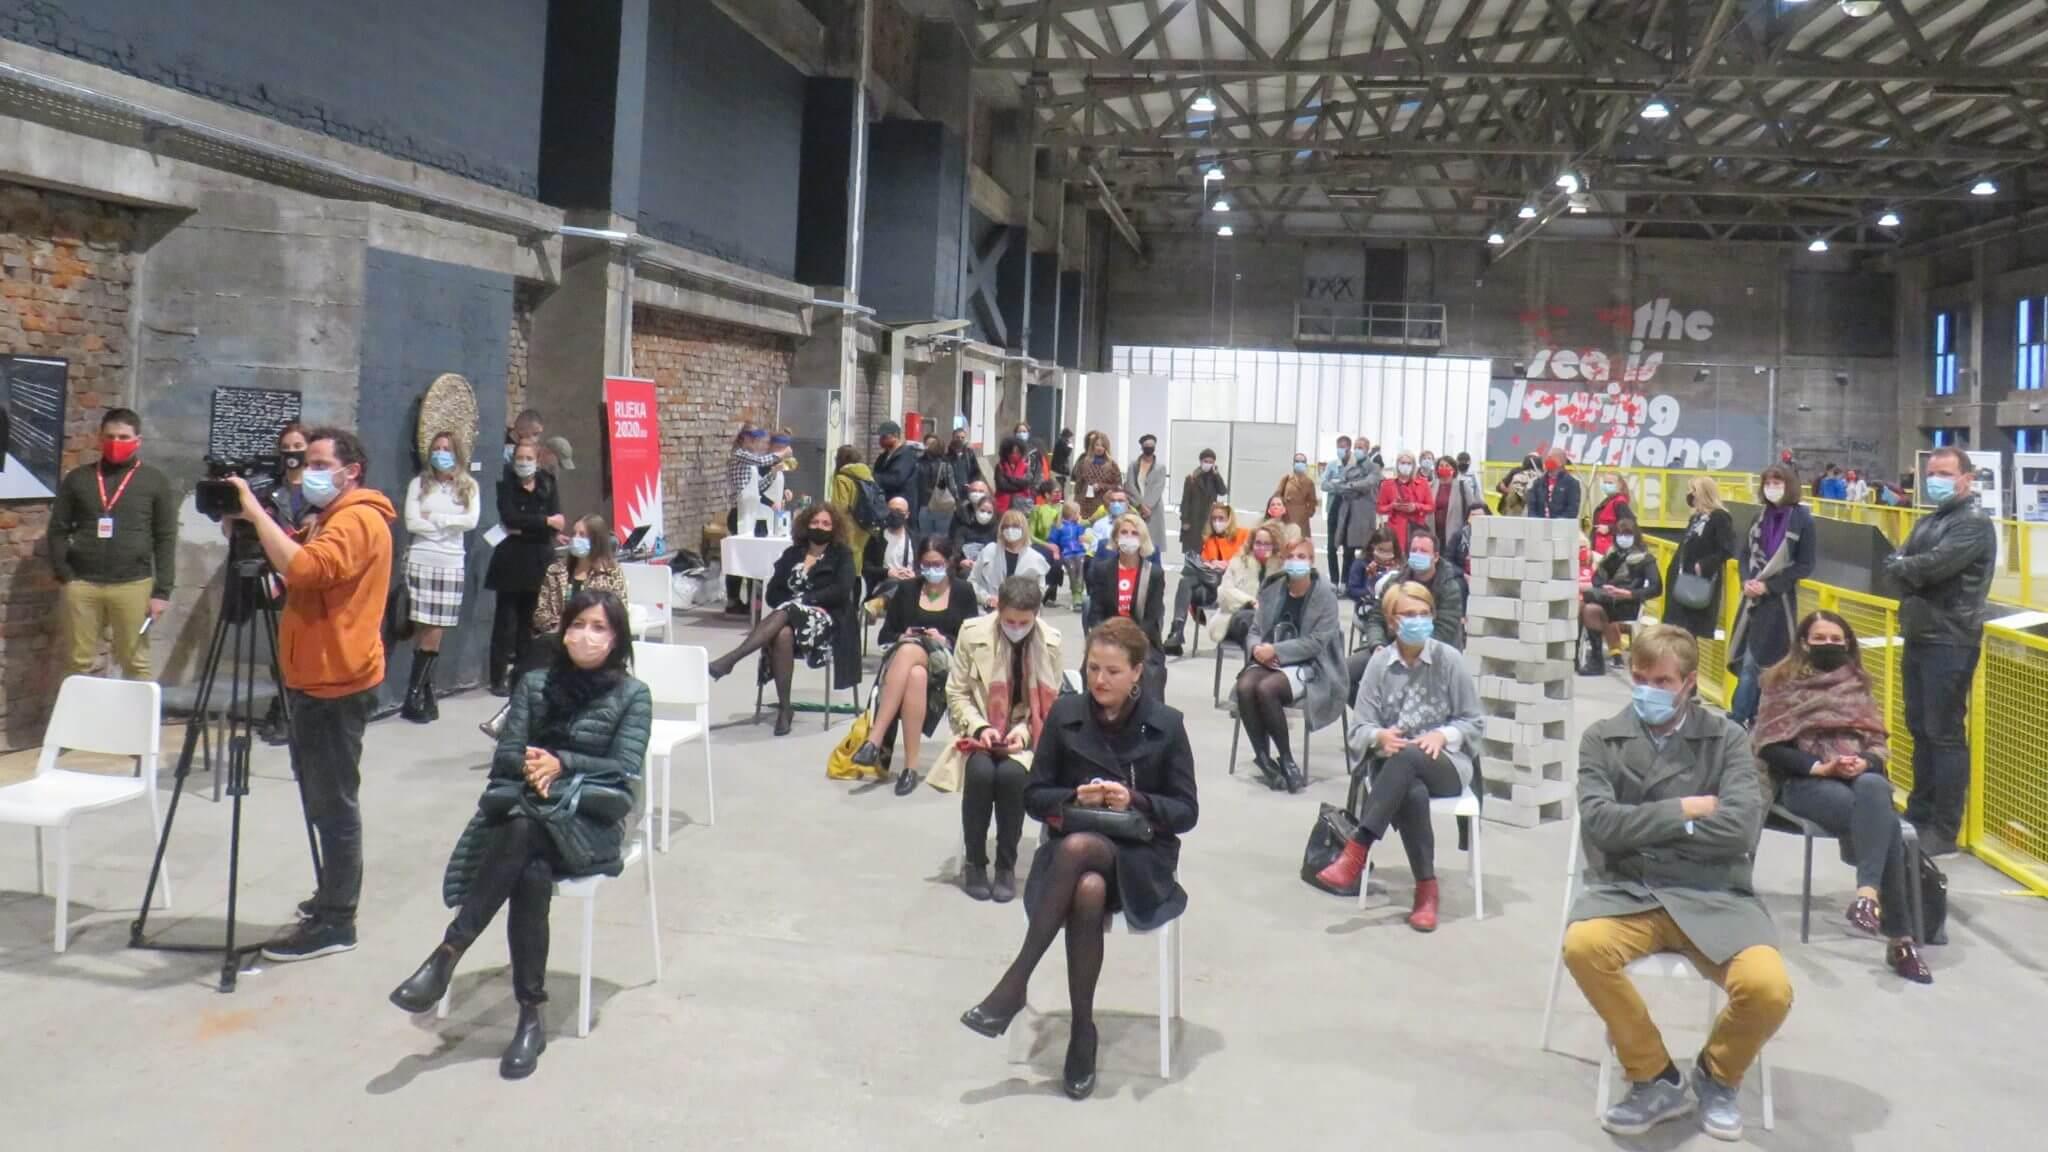 """U Rijeci, u Exportu na Delti u srijedu, 14. listopada 2020.g. održano je svečano potpisivanje """"Povelje o raznolikosti"""" te obilježavanje završetka EU projekta Diversity Mixer 1 - hrpsor Hrvatski poslovni savjet za održivi razvoj"""